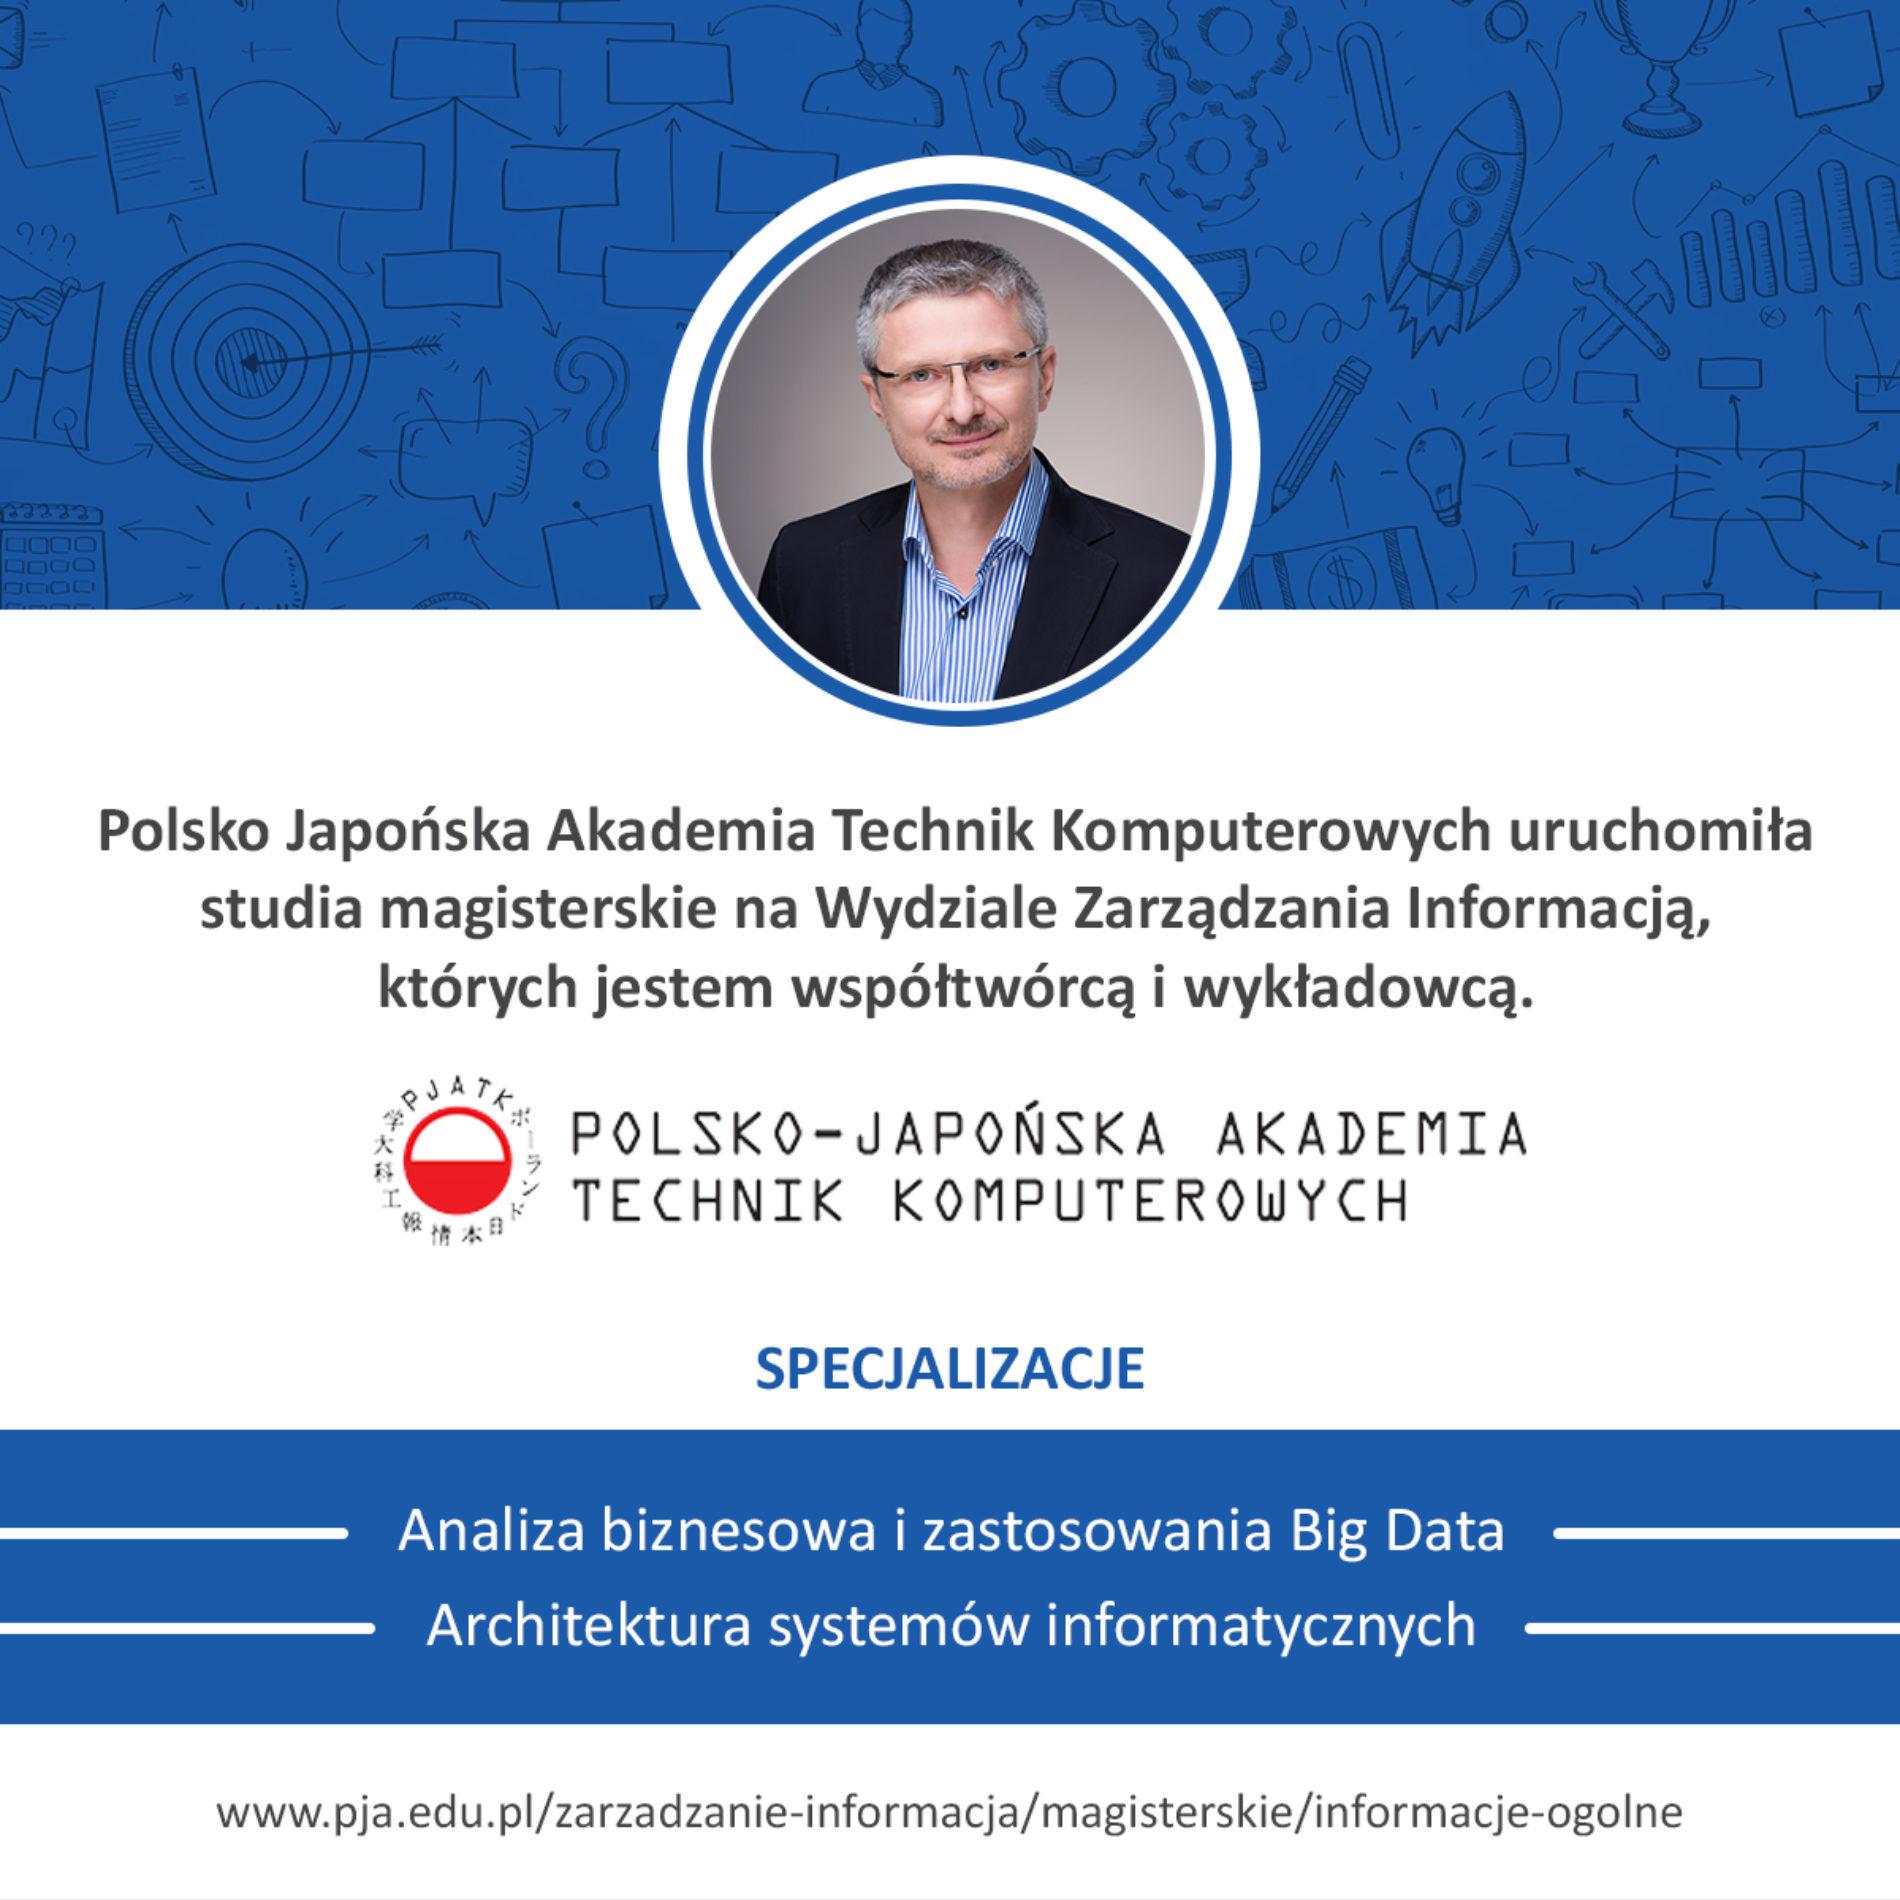 Studia magisterskie na Wydziale Zarządzania Informacją PJATK